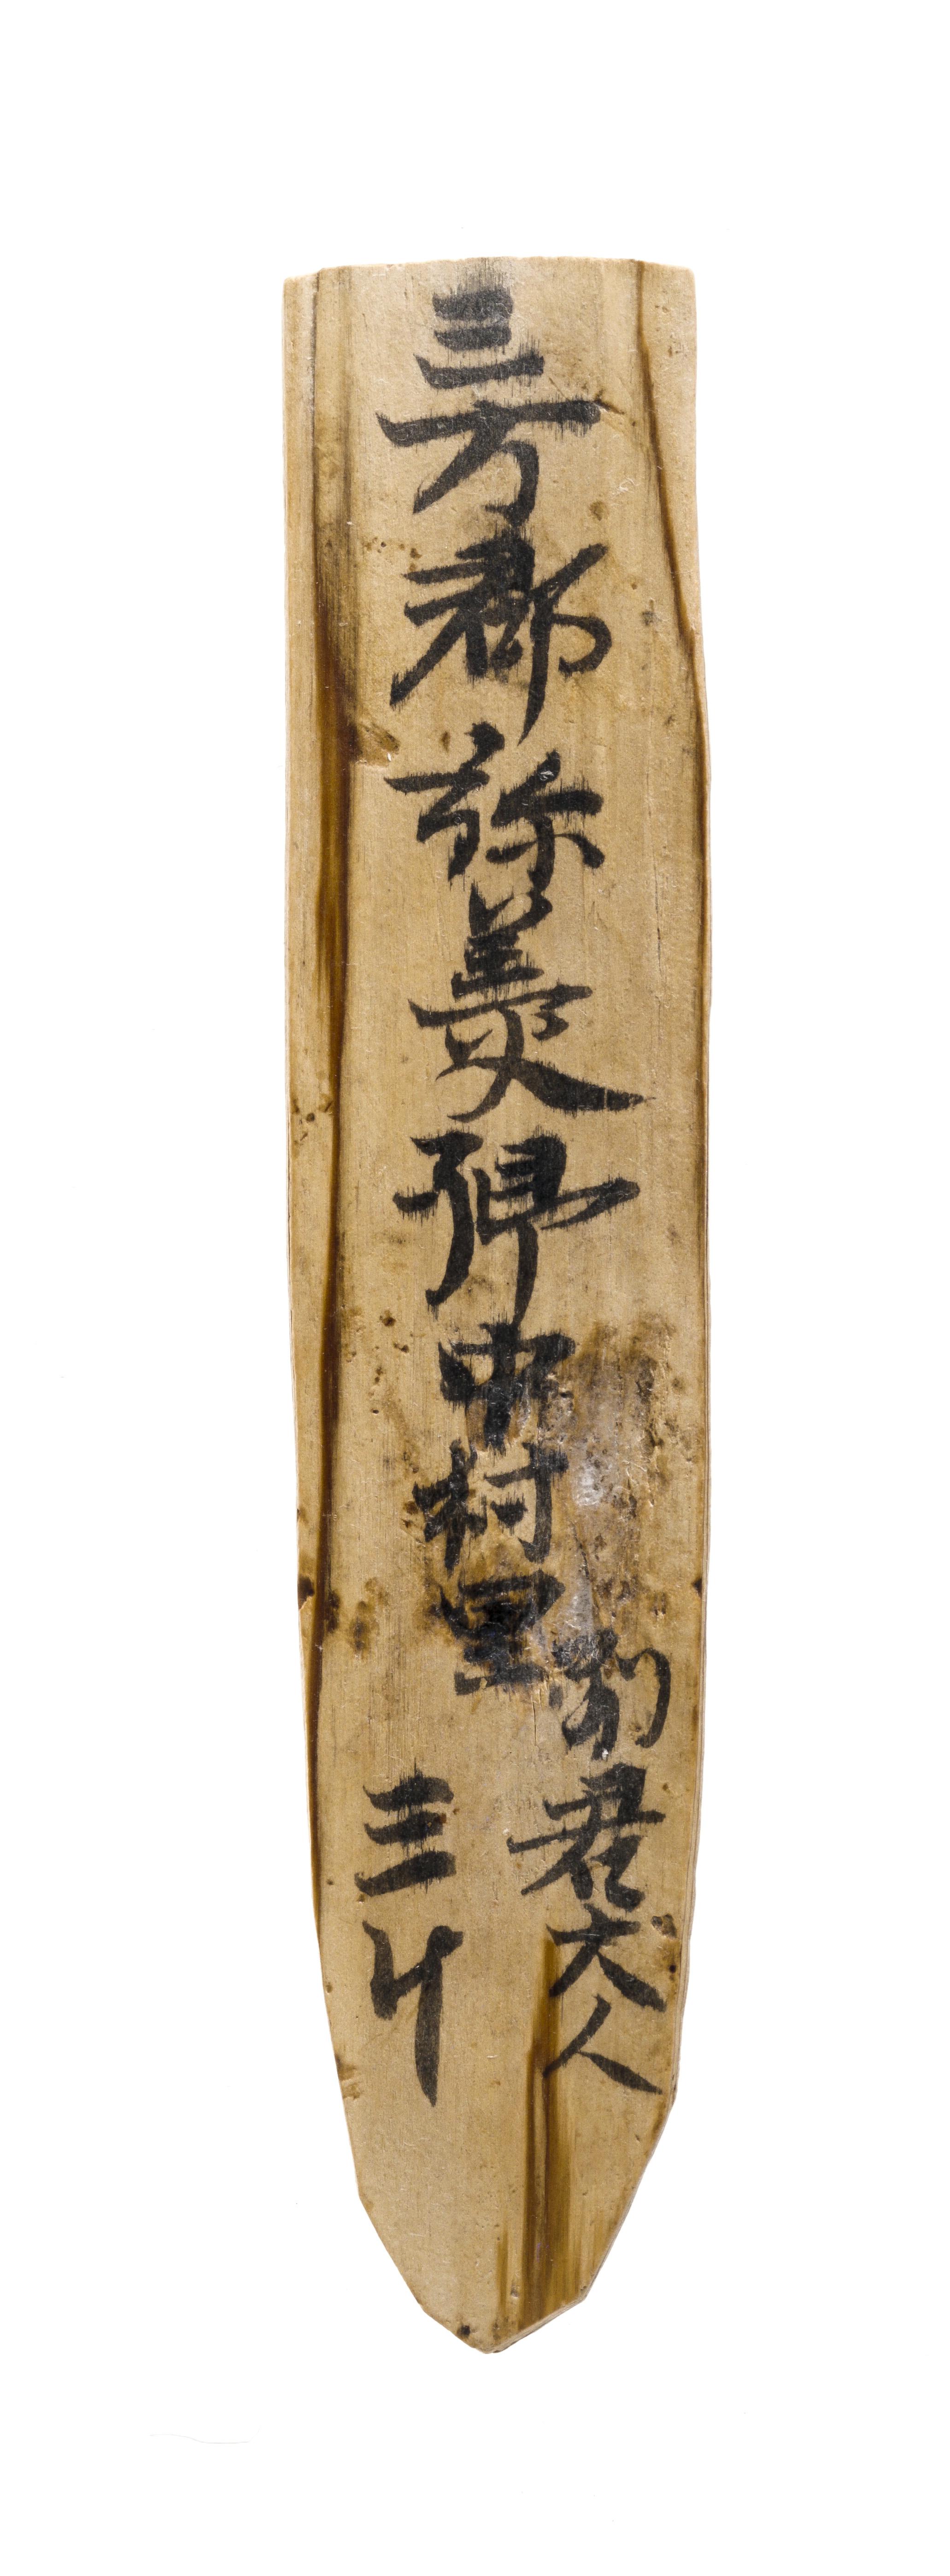 平城宮跡出土木簡(奈良文化財研究所蔵)